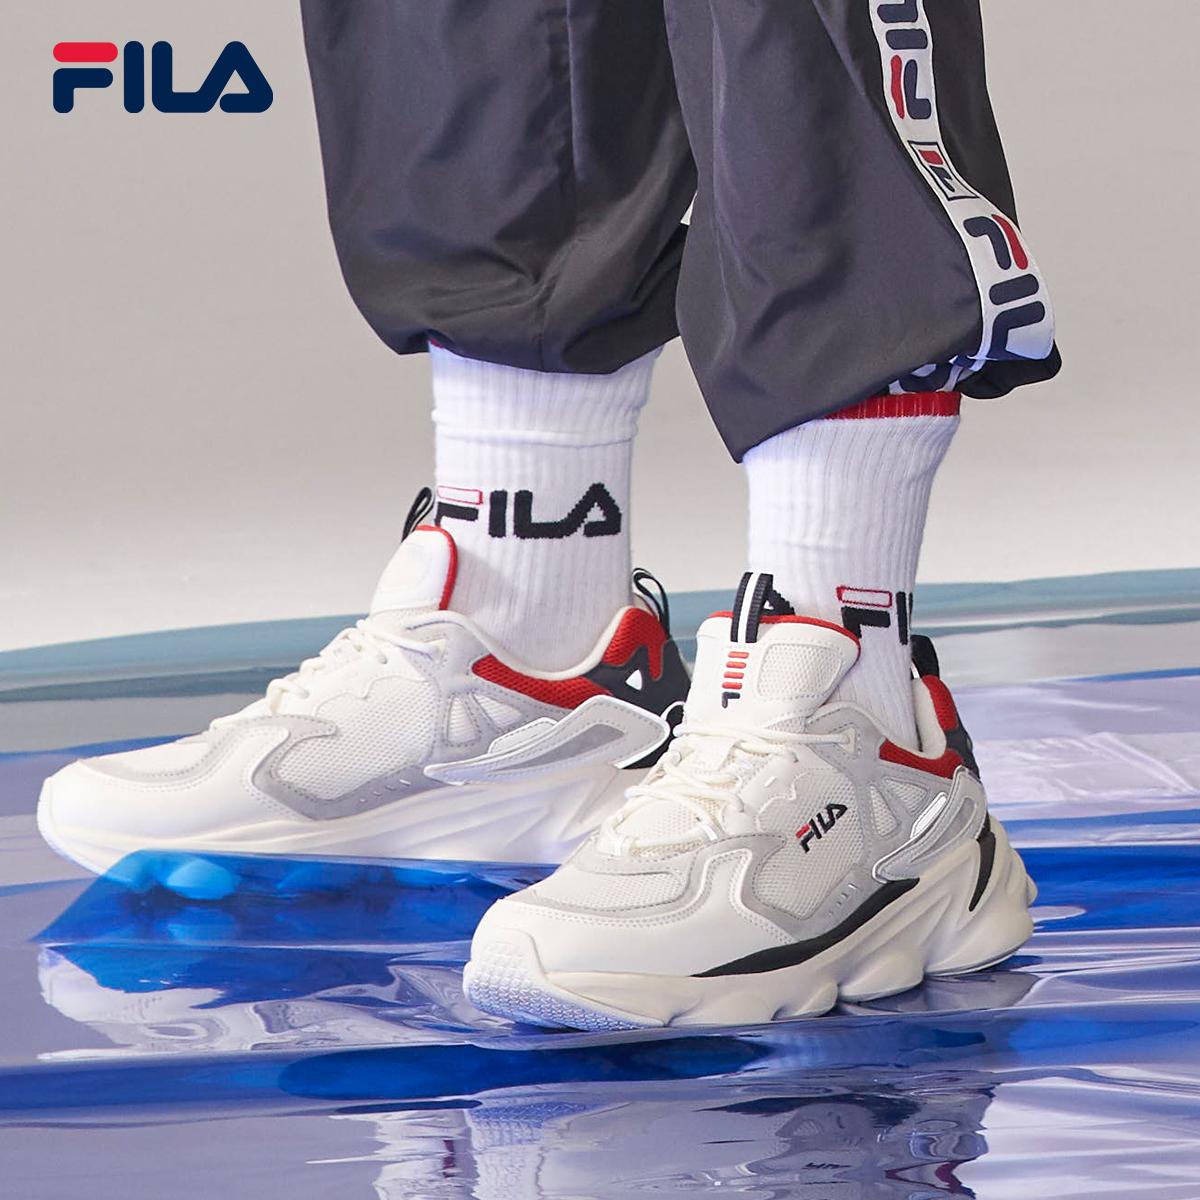 FILAรองเท้าเก่าinsรองเท้าวิ่งย้อนยุค2021春季新款网面透气运动鞋男